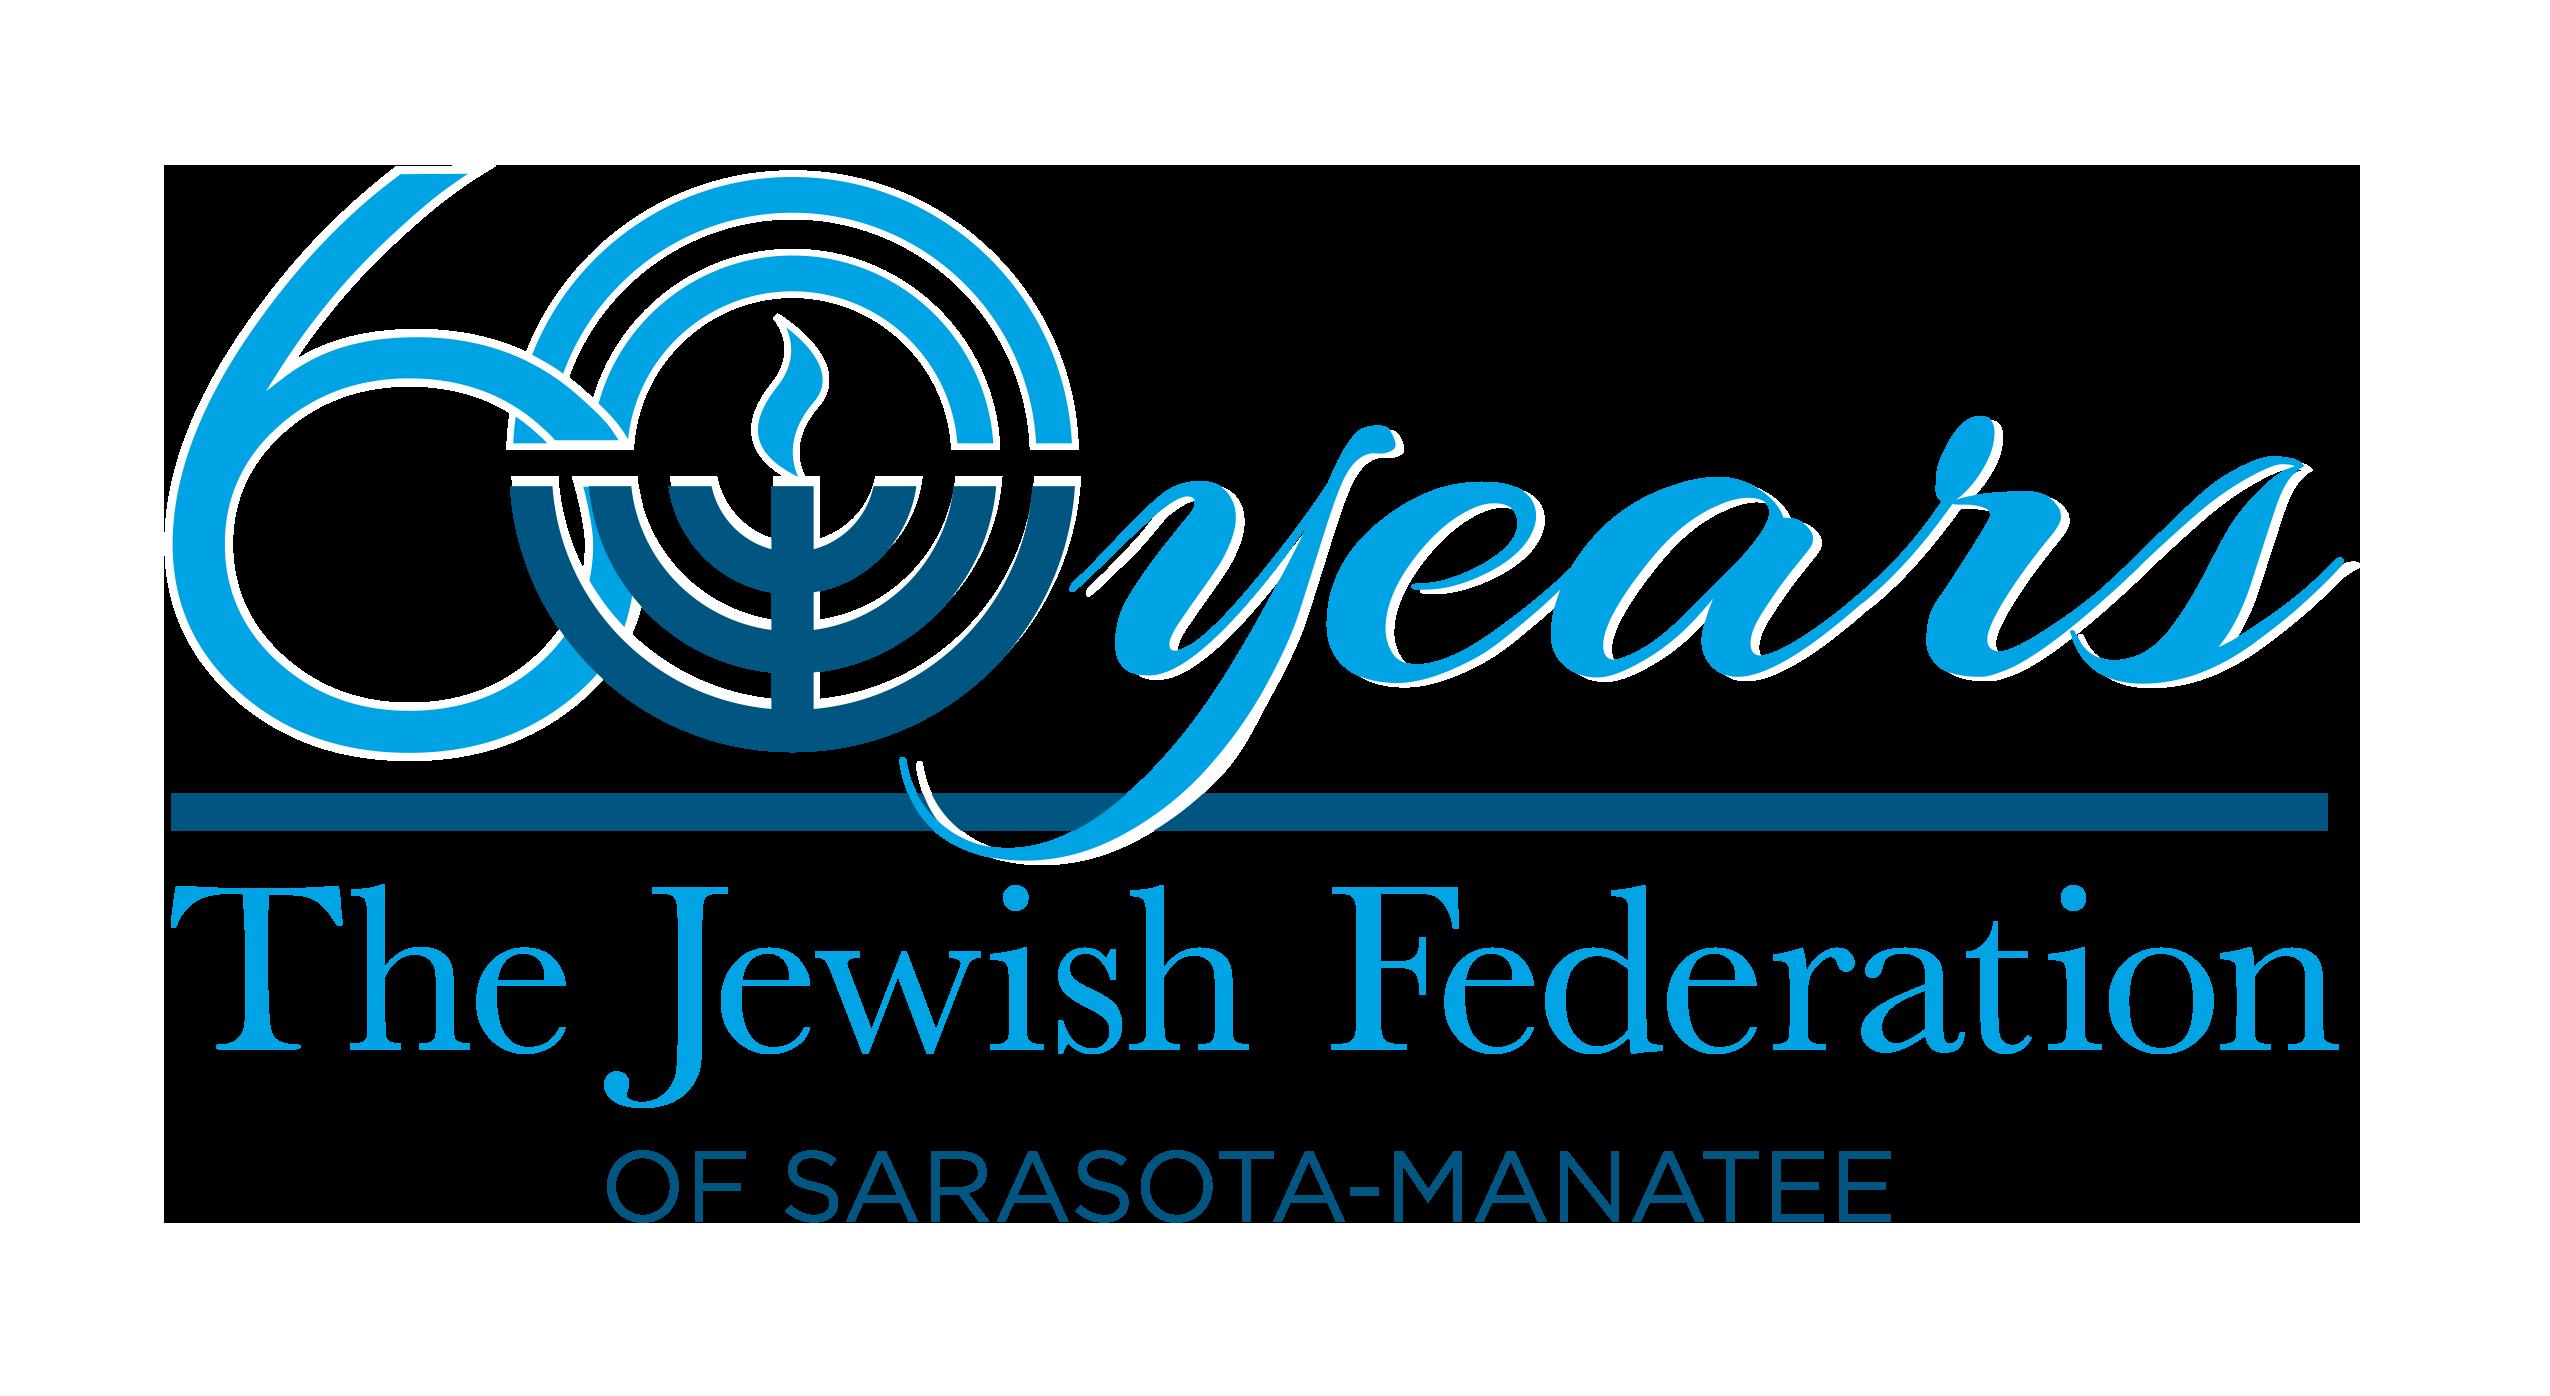 JFSM 60 years logo.png